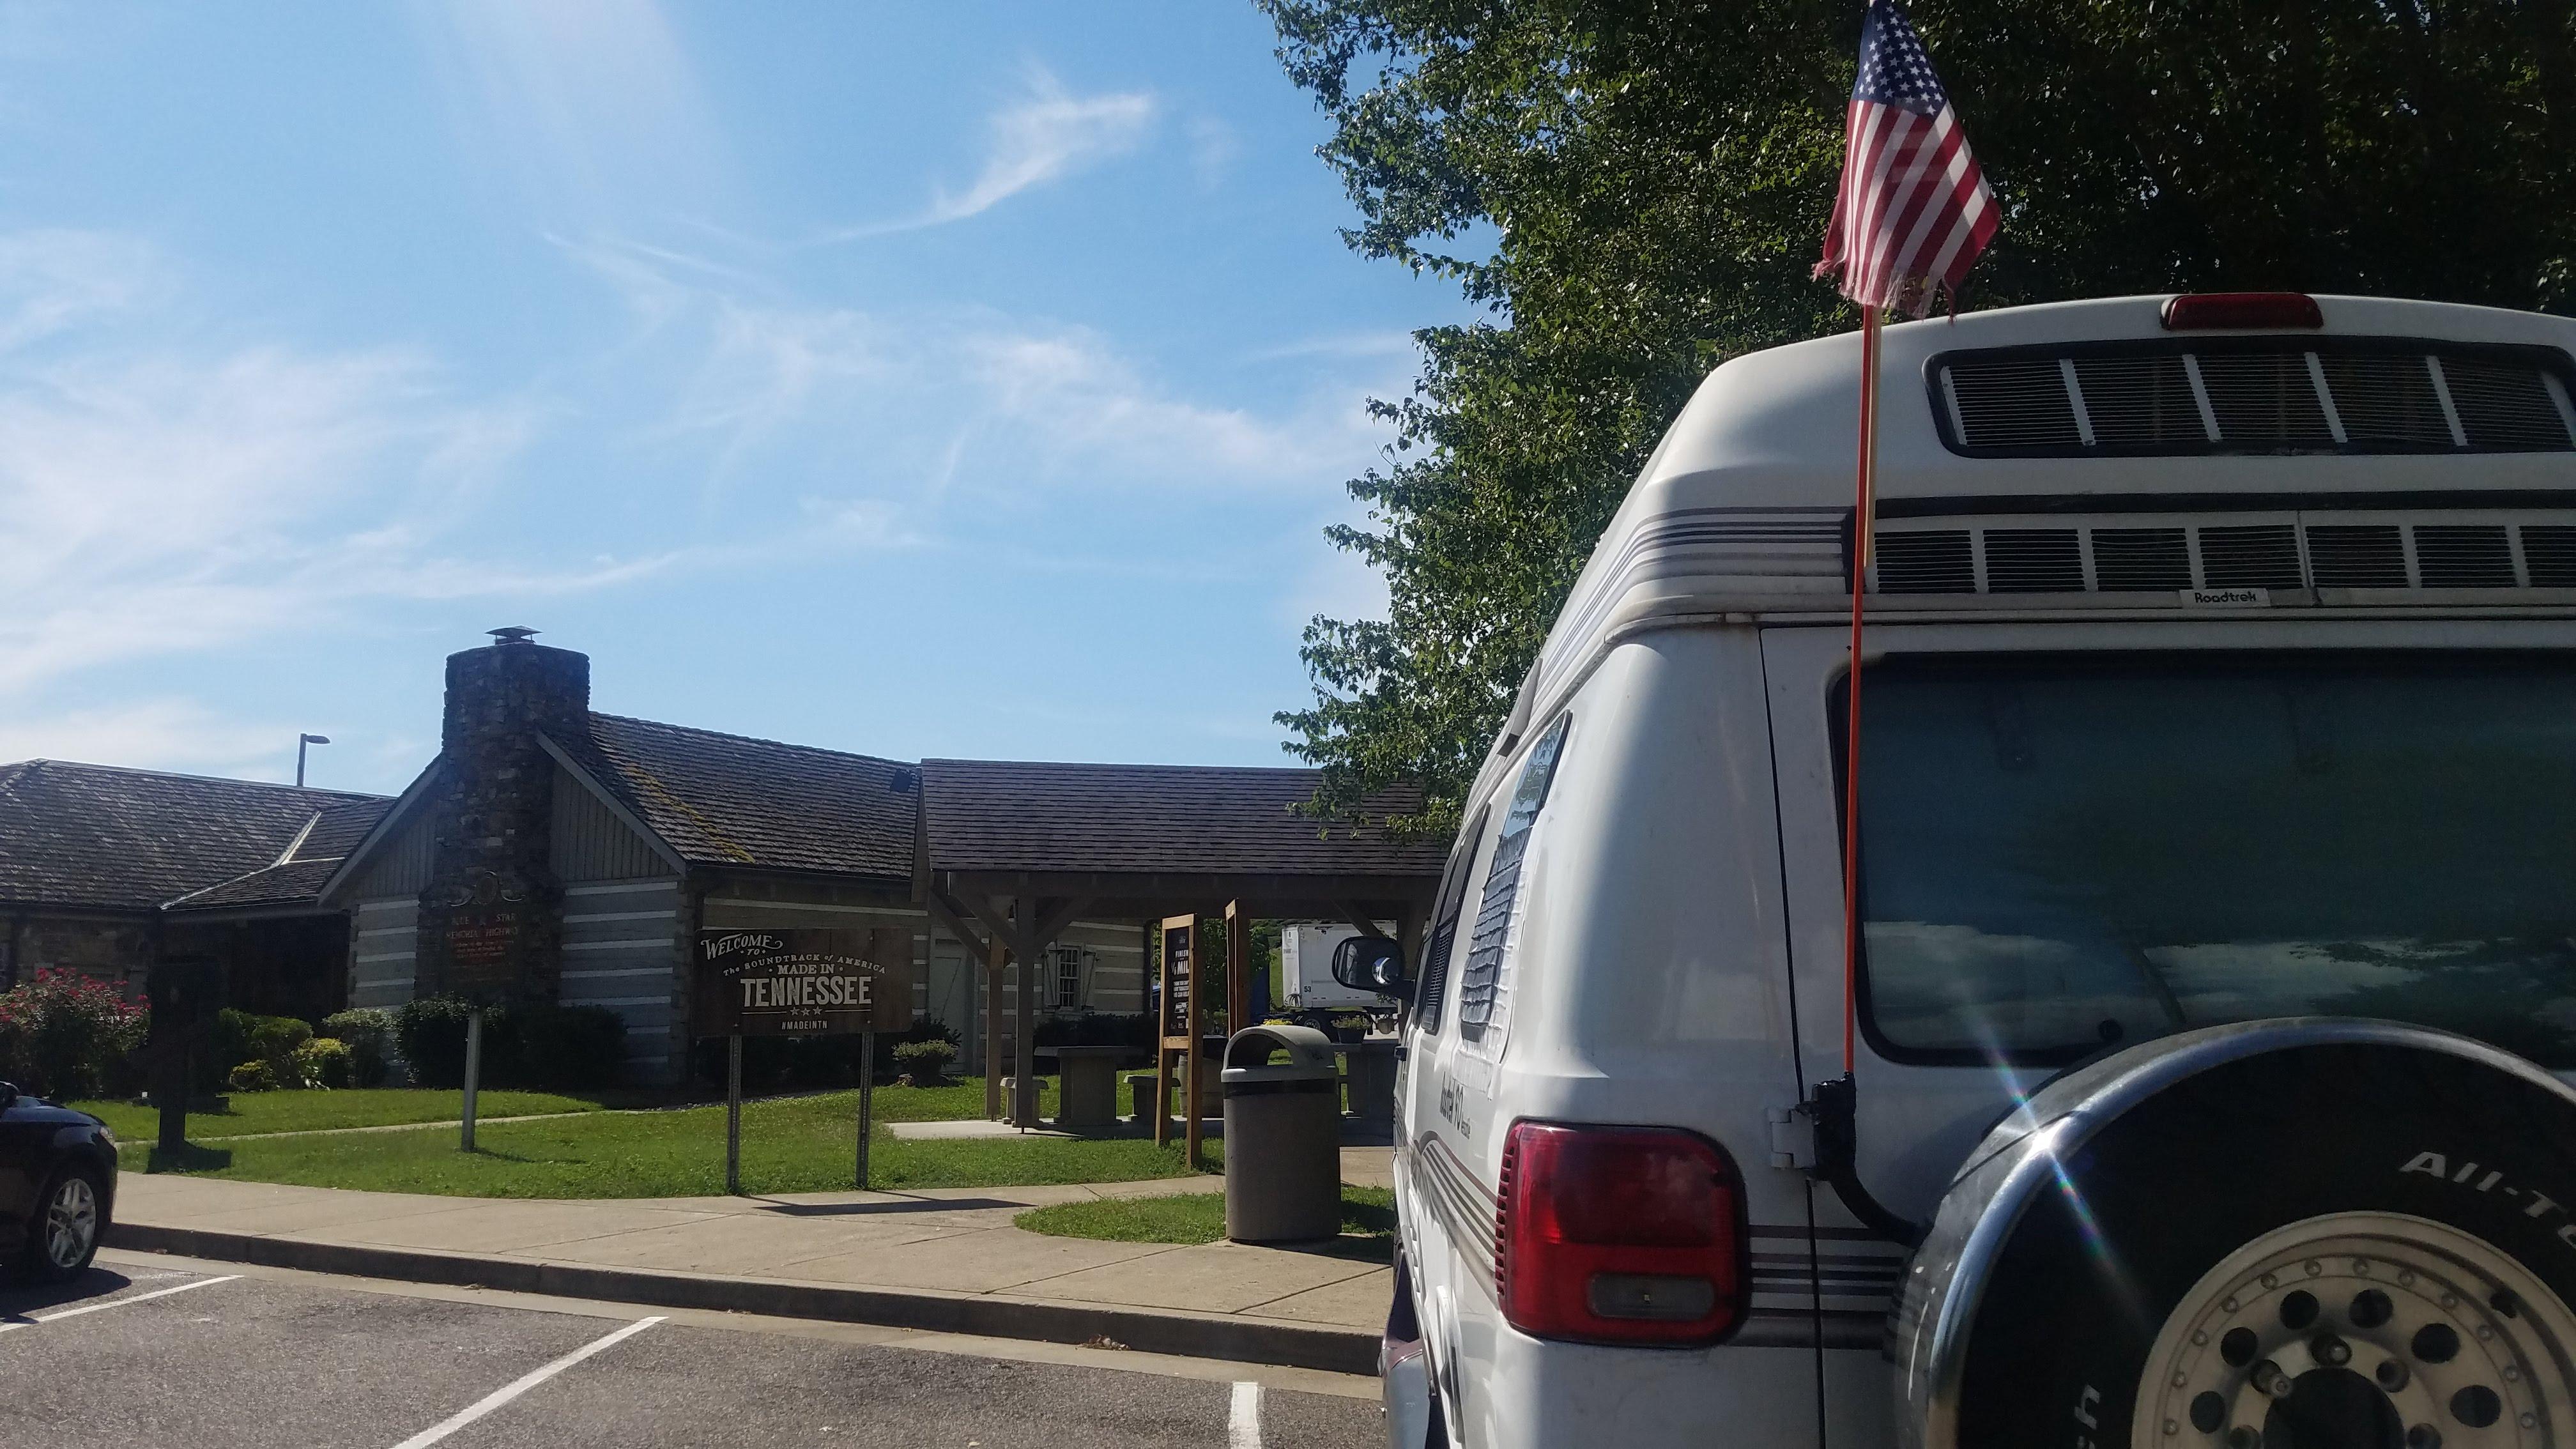 Tennessee . roadtrek 190 versatile 2001